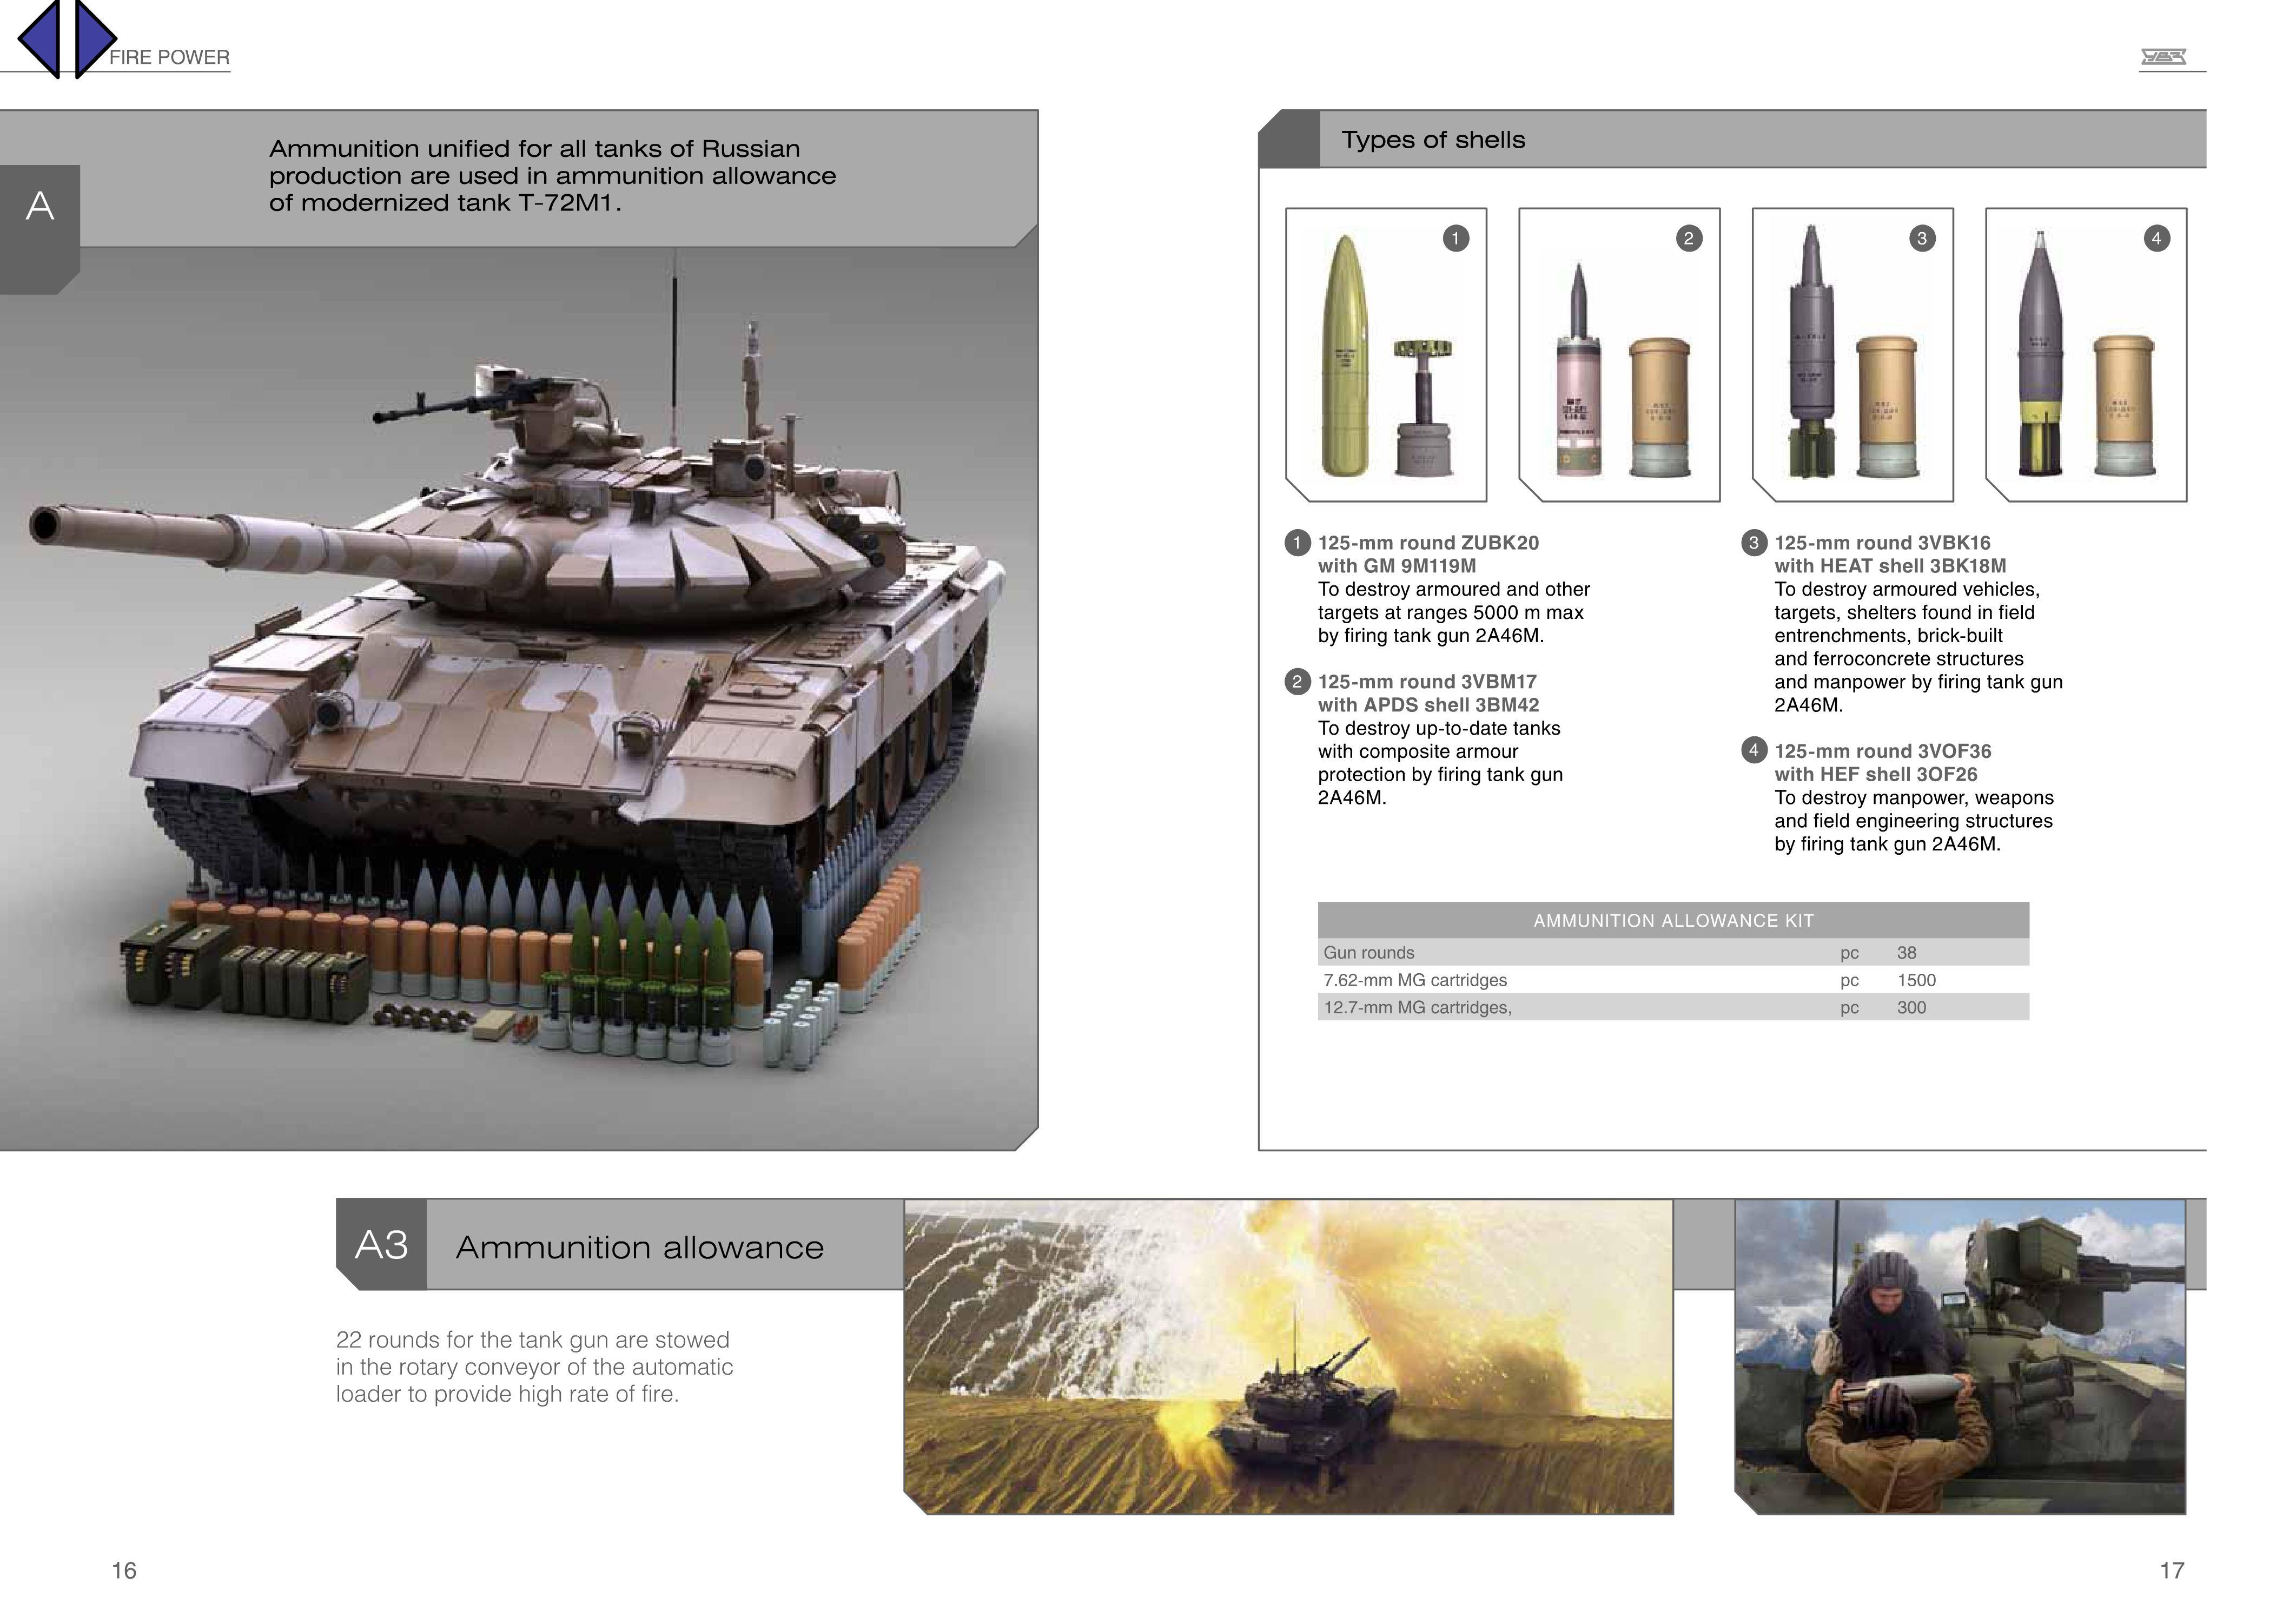 التطوير T-72M1 للجزائر يتفوق على نظيره المقدم للجيش الروسي  720757717